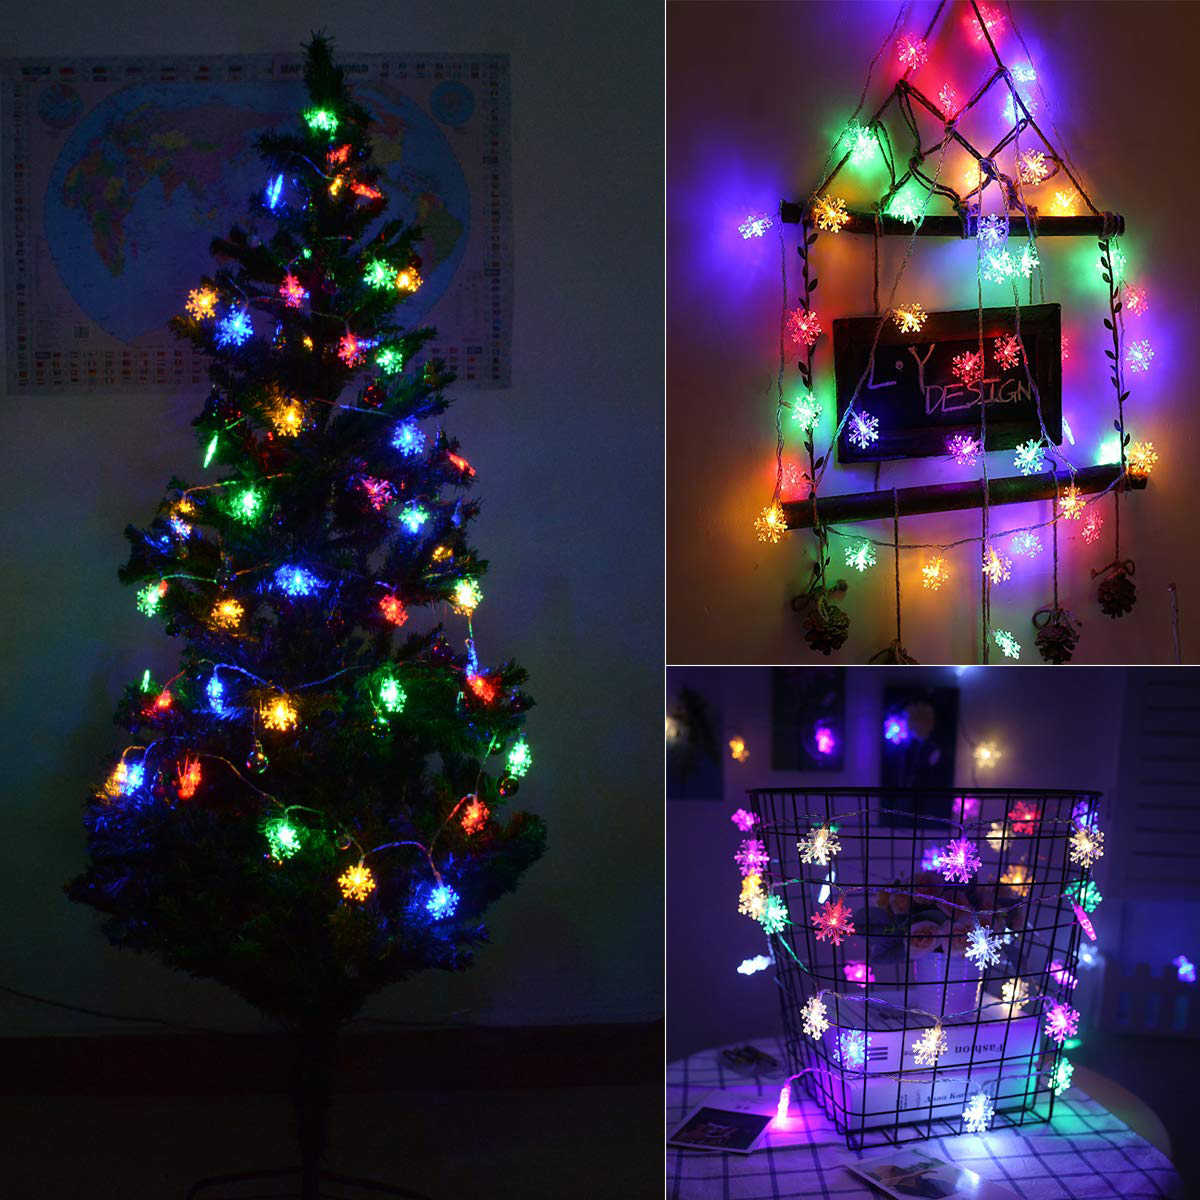 10 м, 100 светодиодный, 220 В, европейская Рождественская гирлянда, снежные хлопья, светодиодный, гирлянда, сказочные огни для вечерние, дома, рождественской елки, свадьбы, сада, украшения